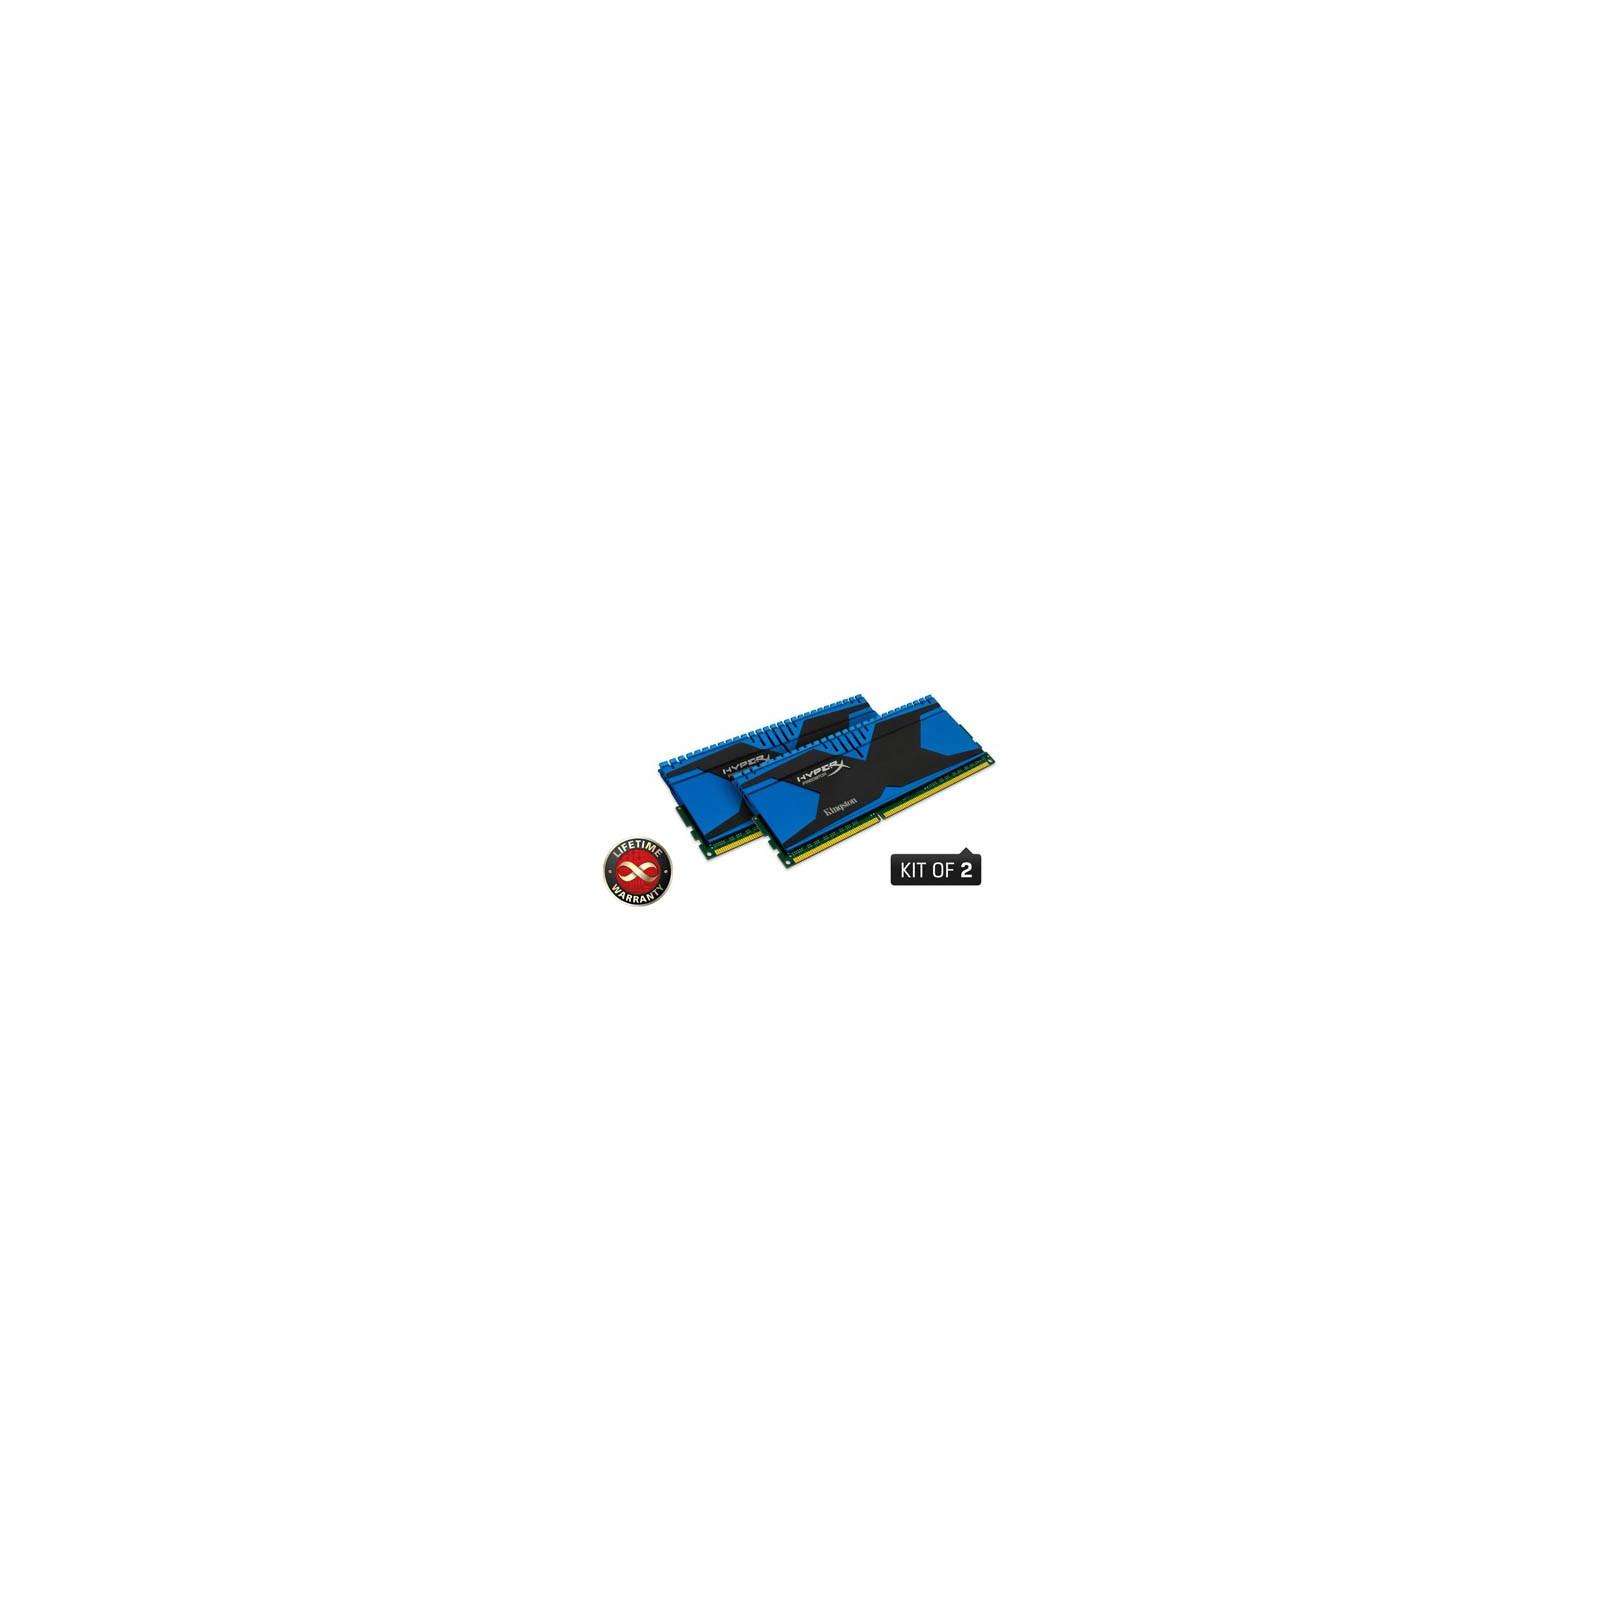 Модуль памяти для компьютера DDR3 8GB (2x4GB) 2400 MHz Kingston (KHX24C11T2K2/8X)